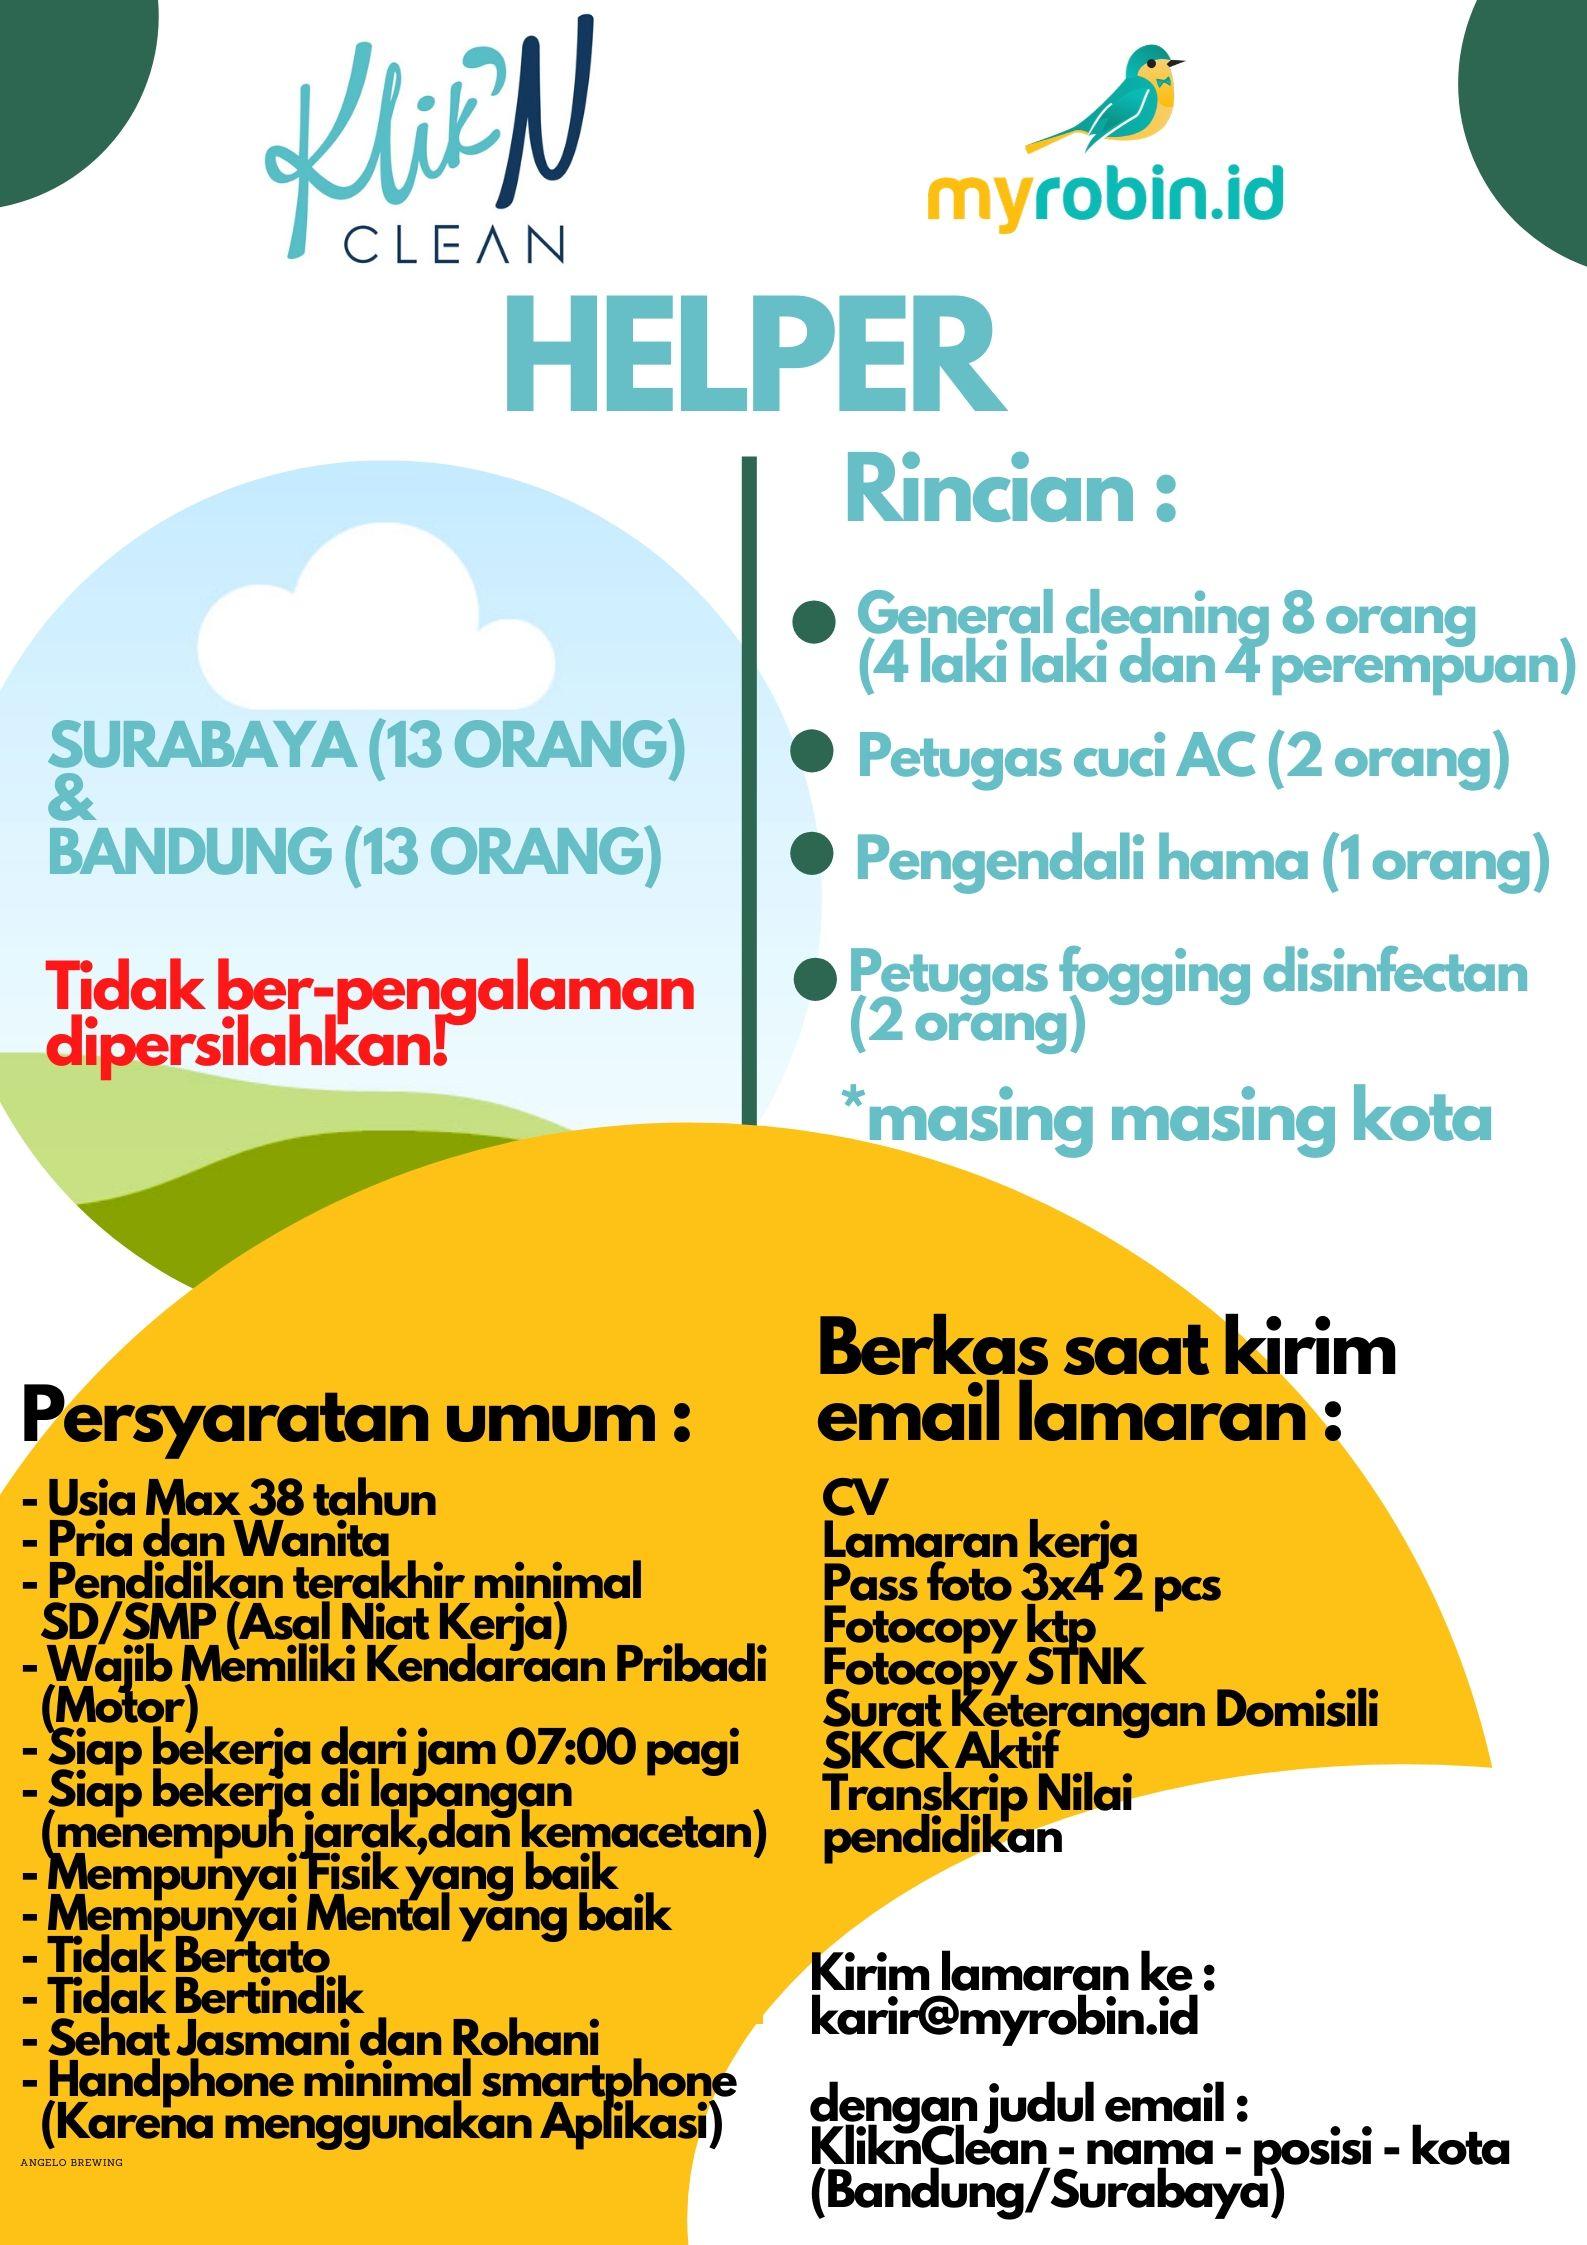 KliknClean buka lowongan untuk Bandung & Surabaya - MyRobin